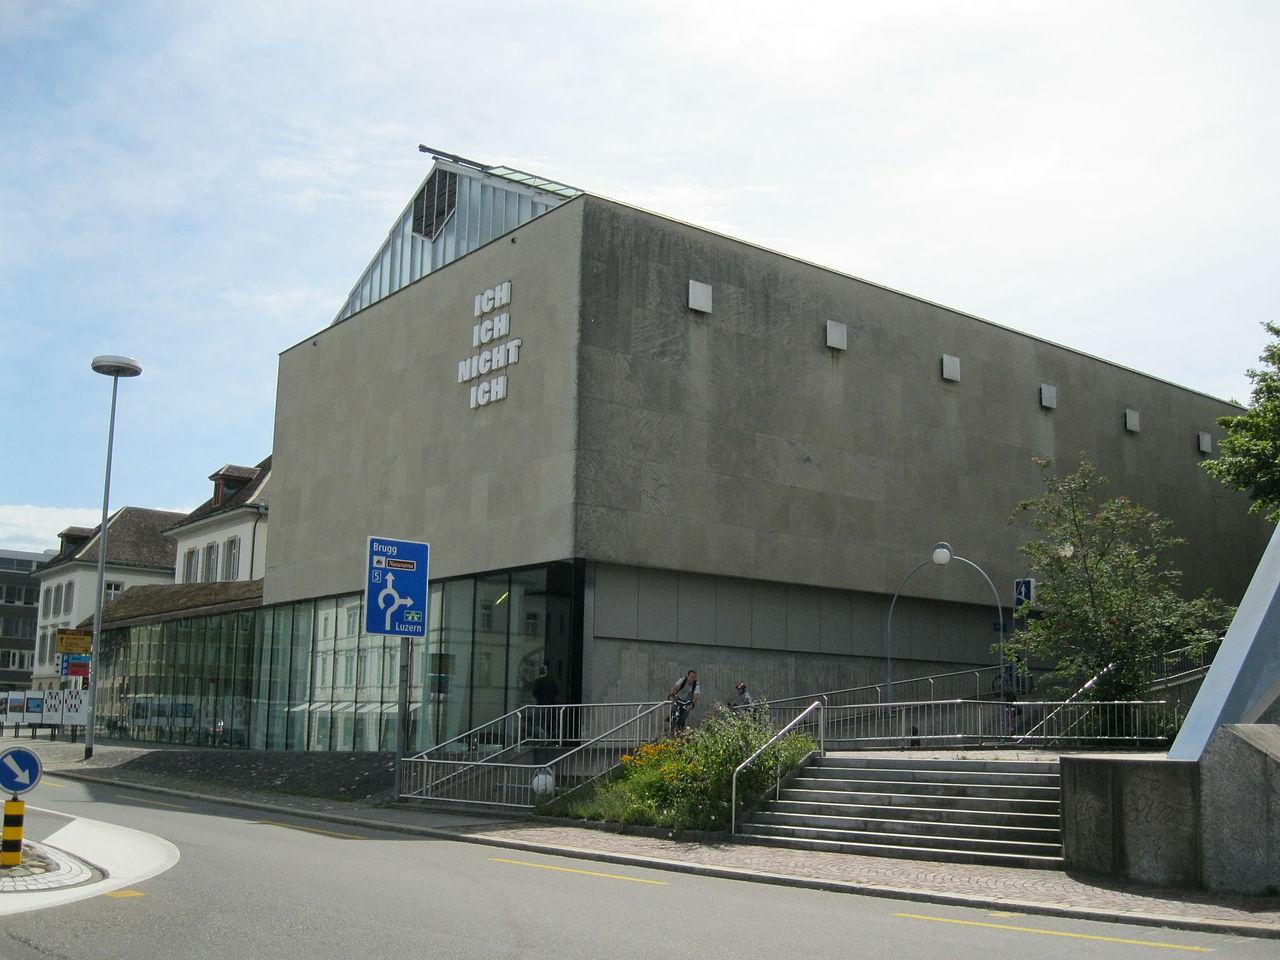 Aargauer_Kunsthaus_2.jpg